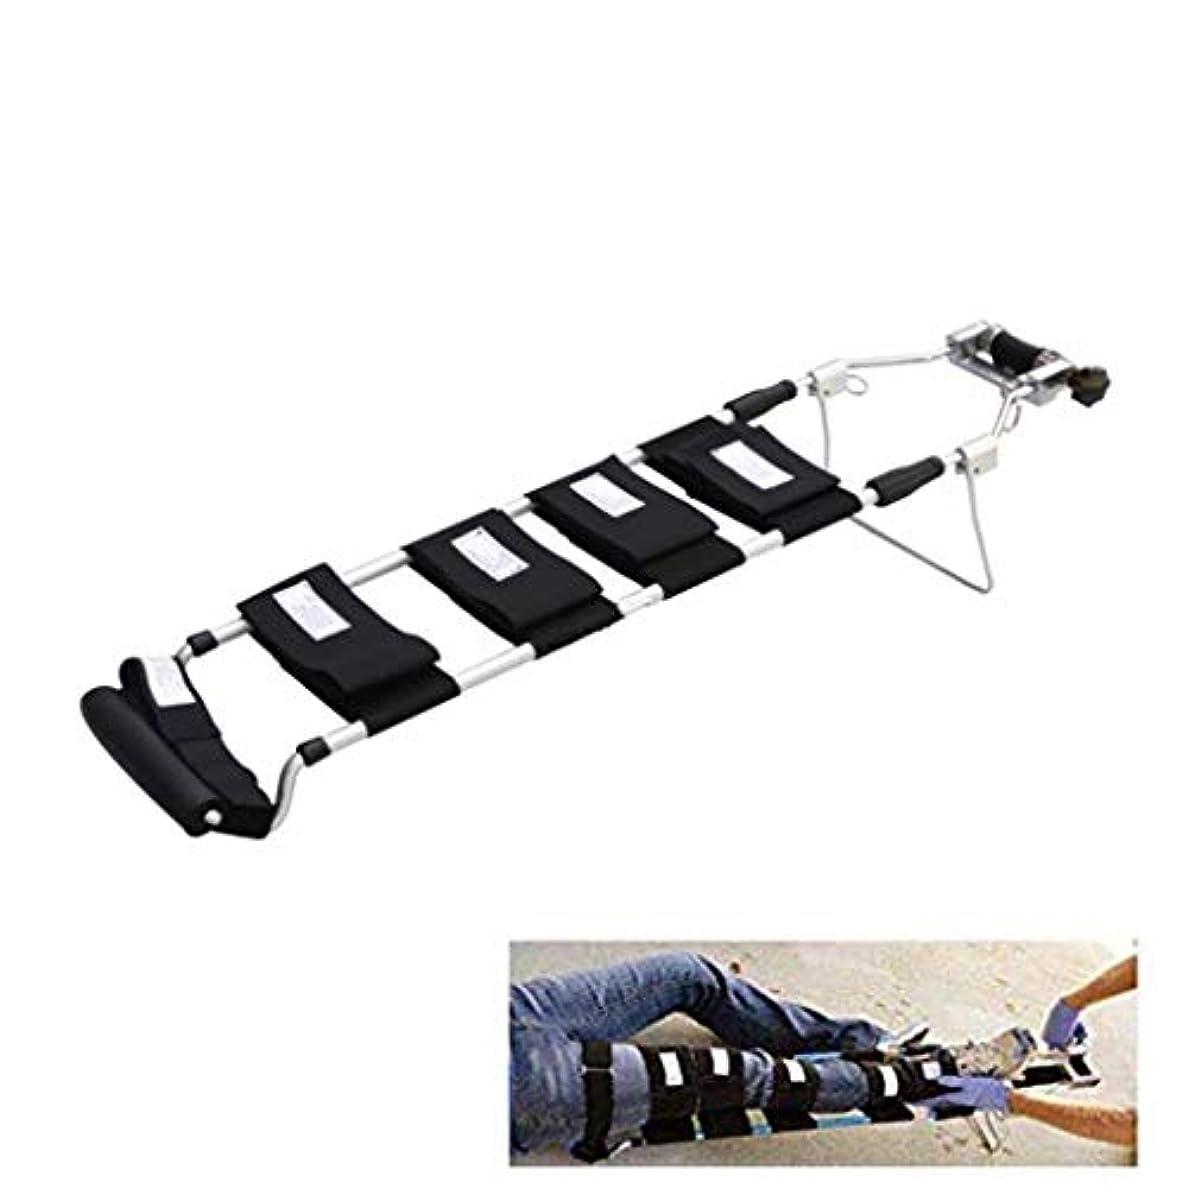 作り上げるハッピー浜辺脚牽引装置整形外科、牽引副木、調整可能な足首ストラップ伸縮設計、脚緊急レトラクタ付き (Color : Children)